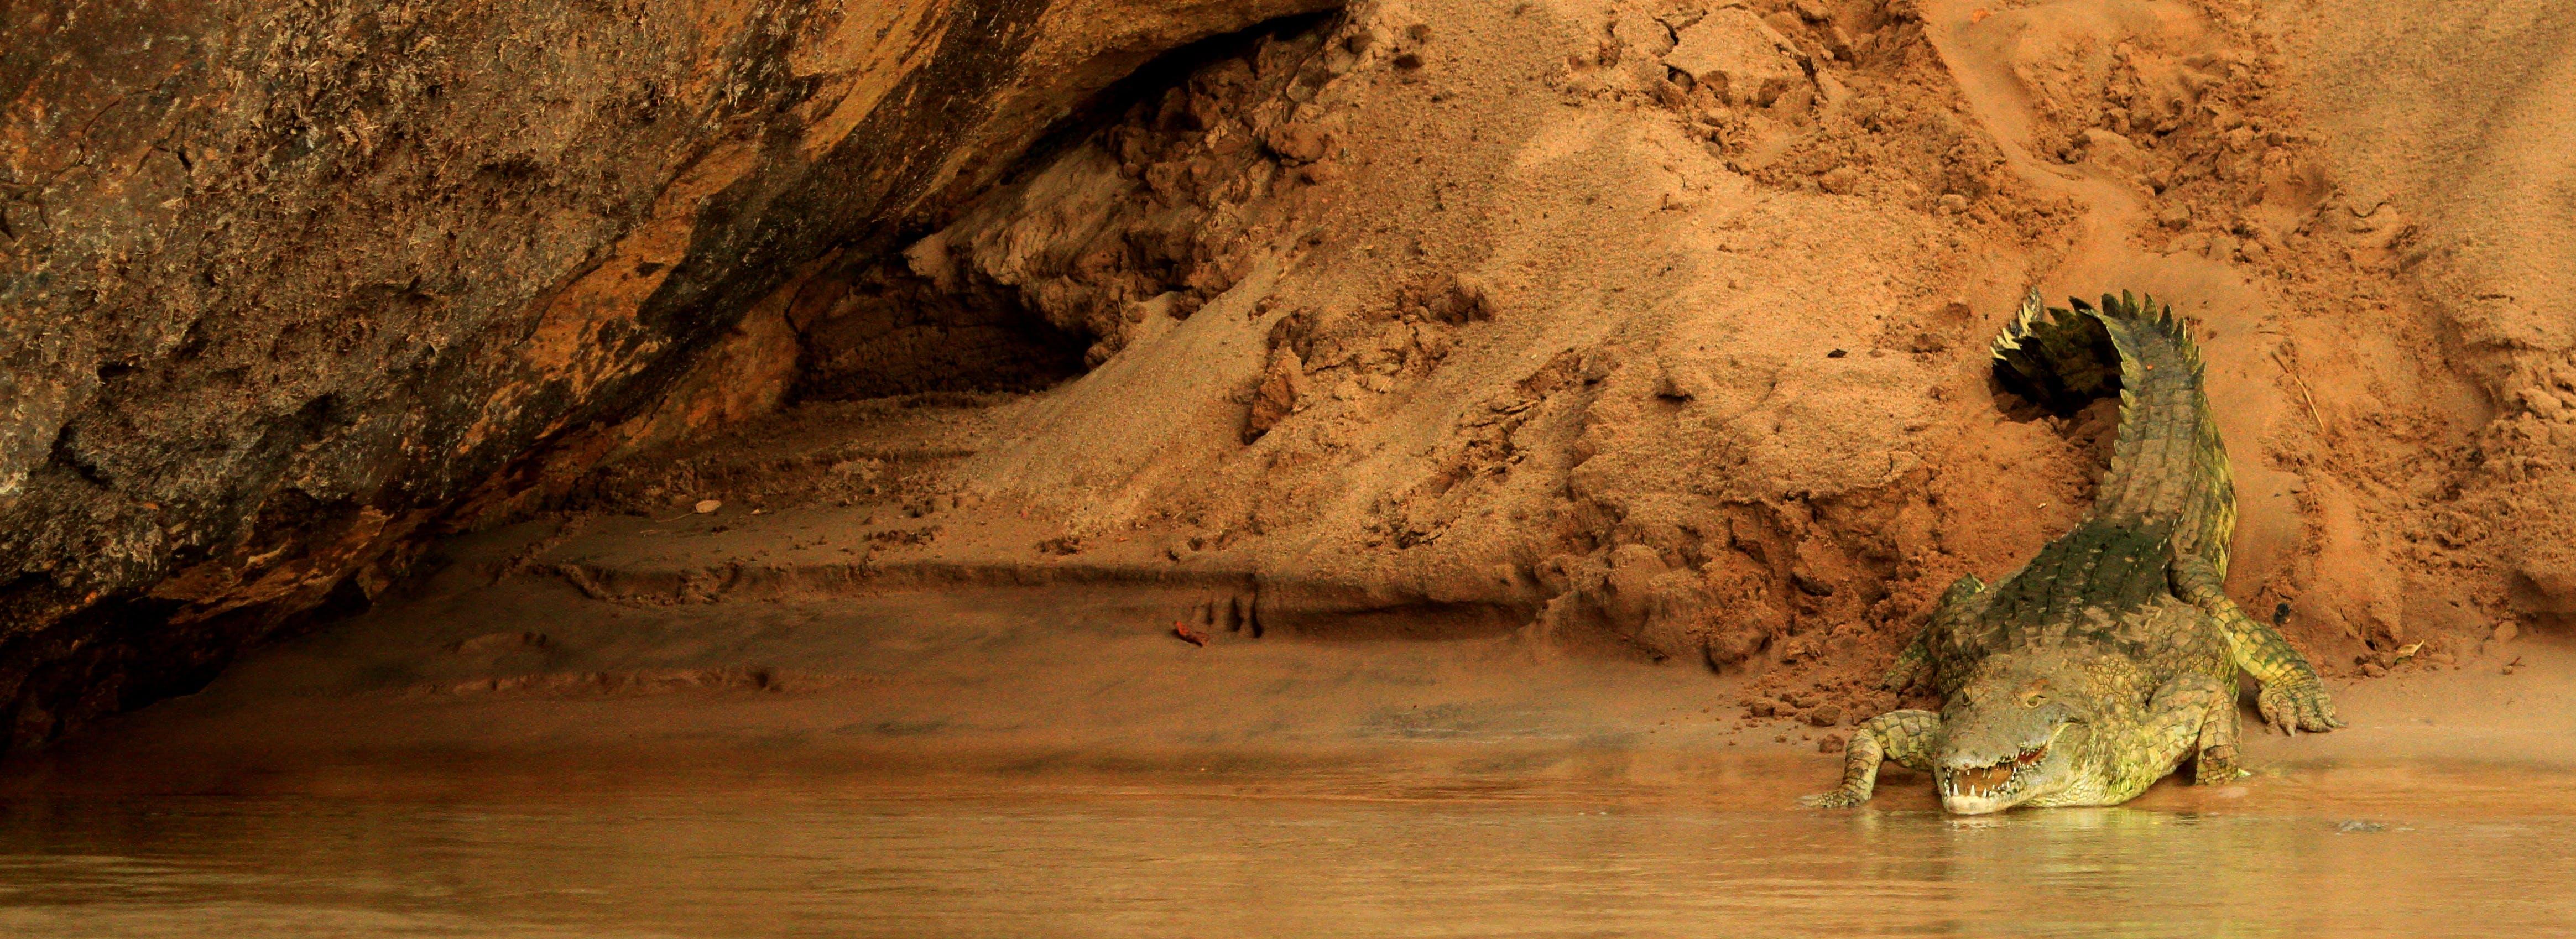 Brow Crocodile Beside River